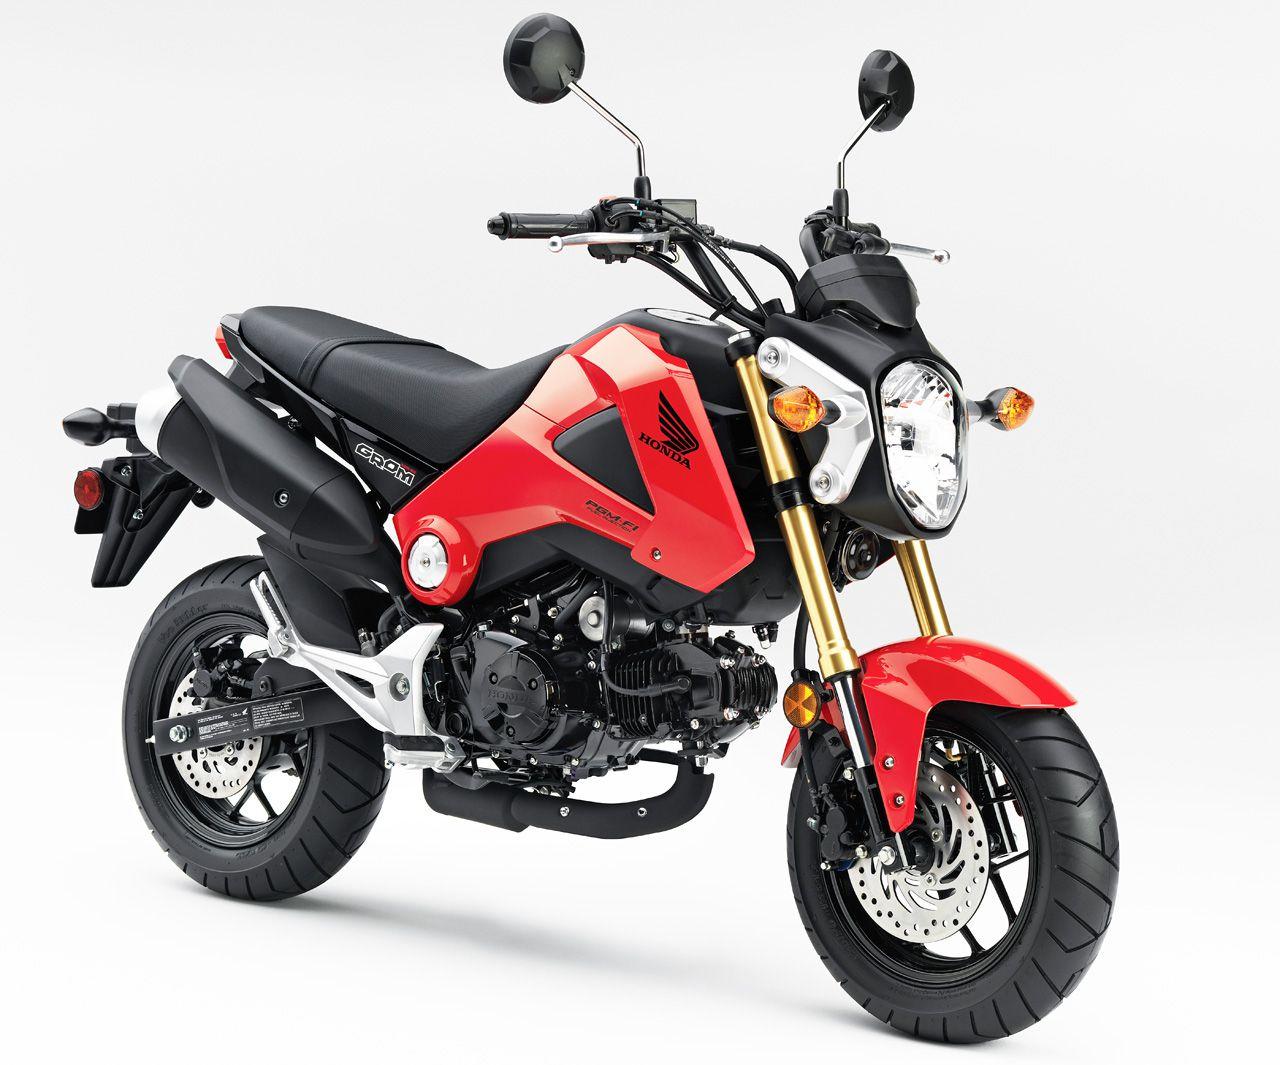 Best Beginner Cruiser Motorcycle >> Top 10 Motorcycles for Beginners